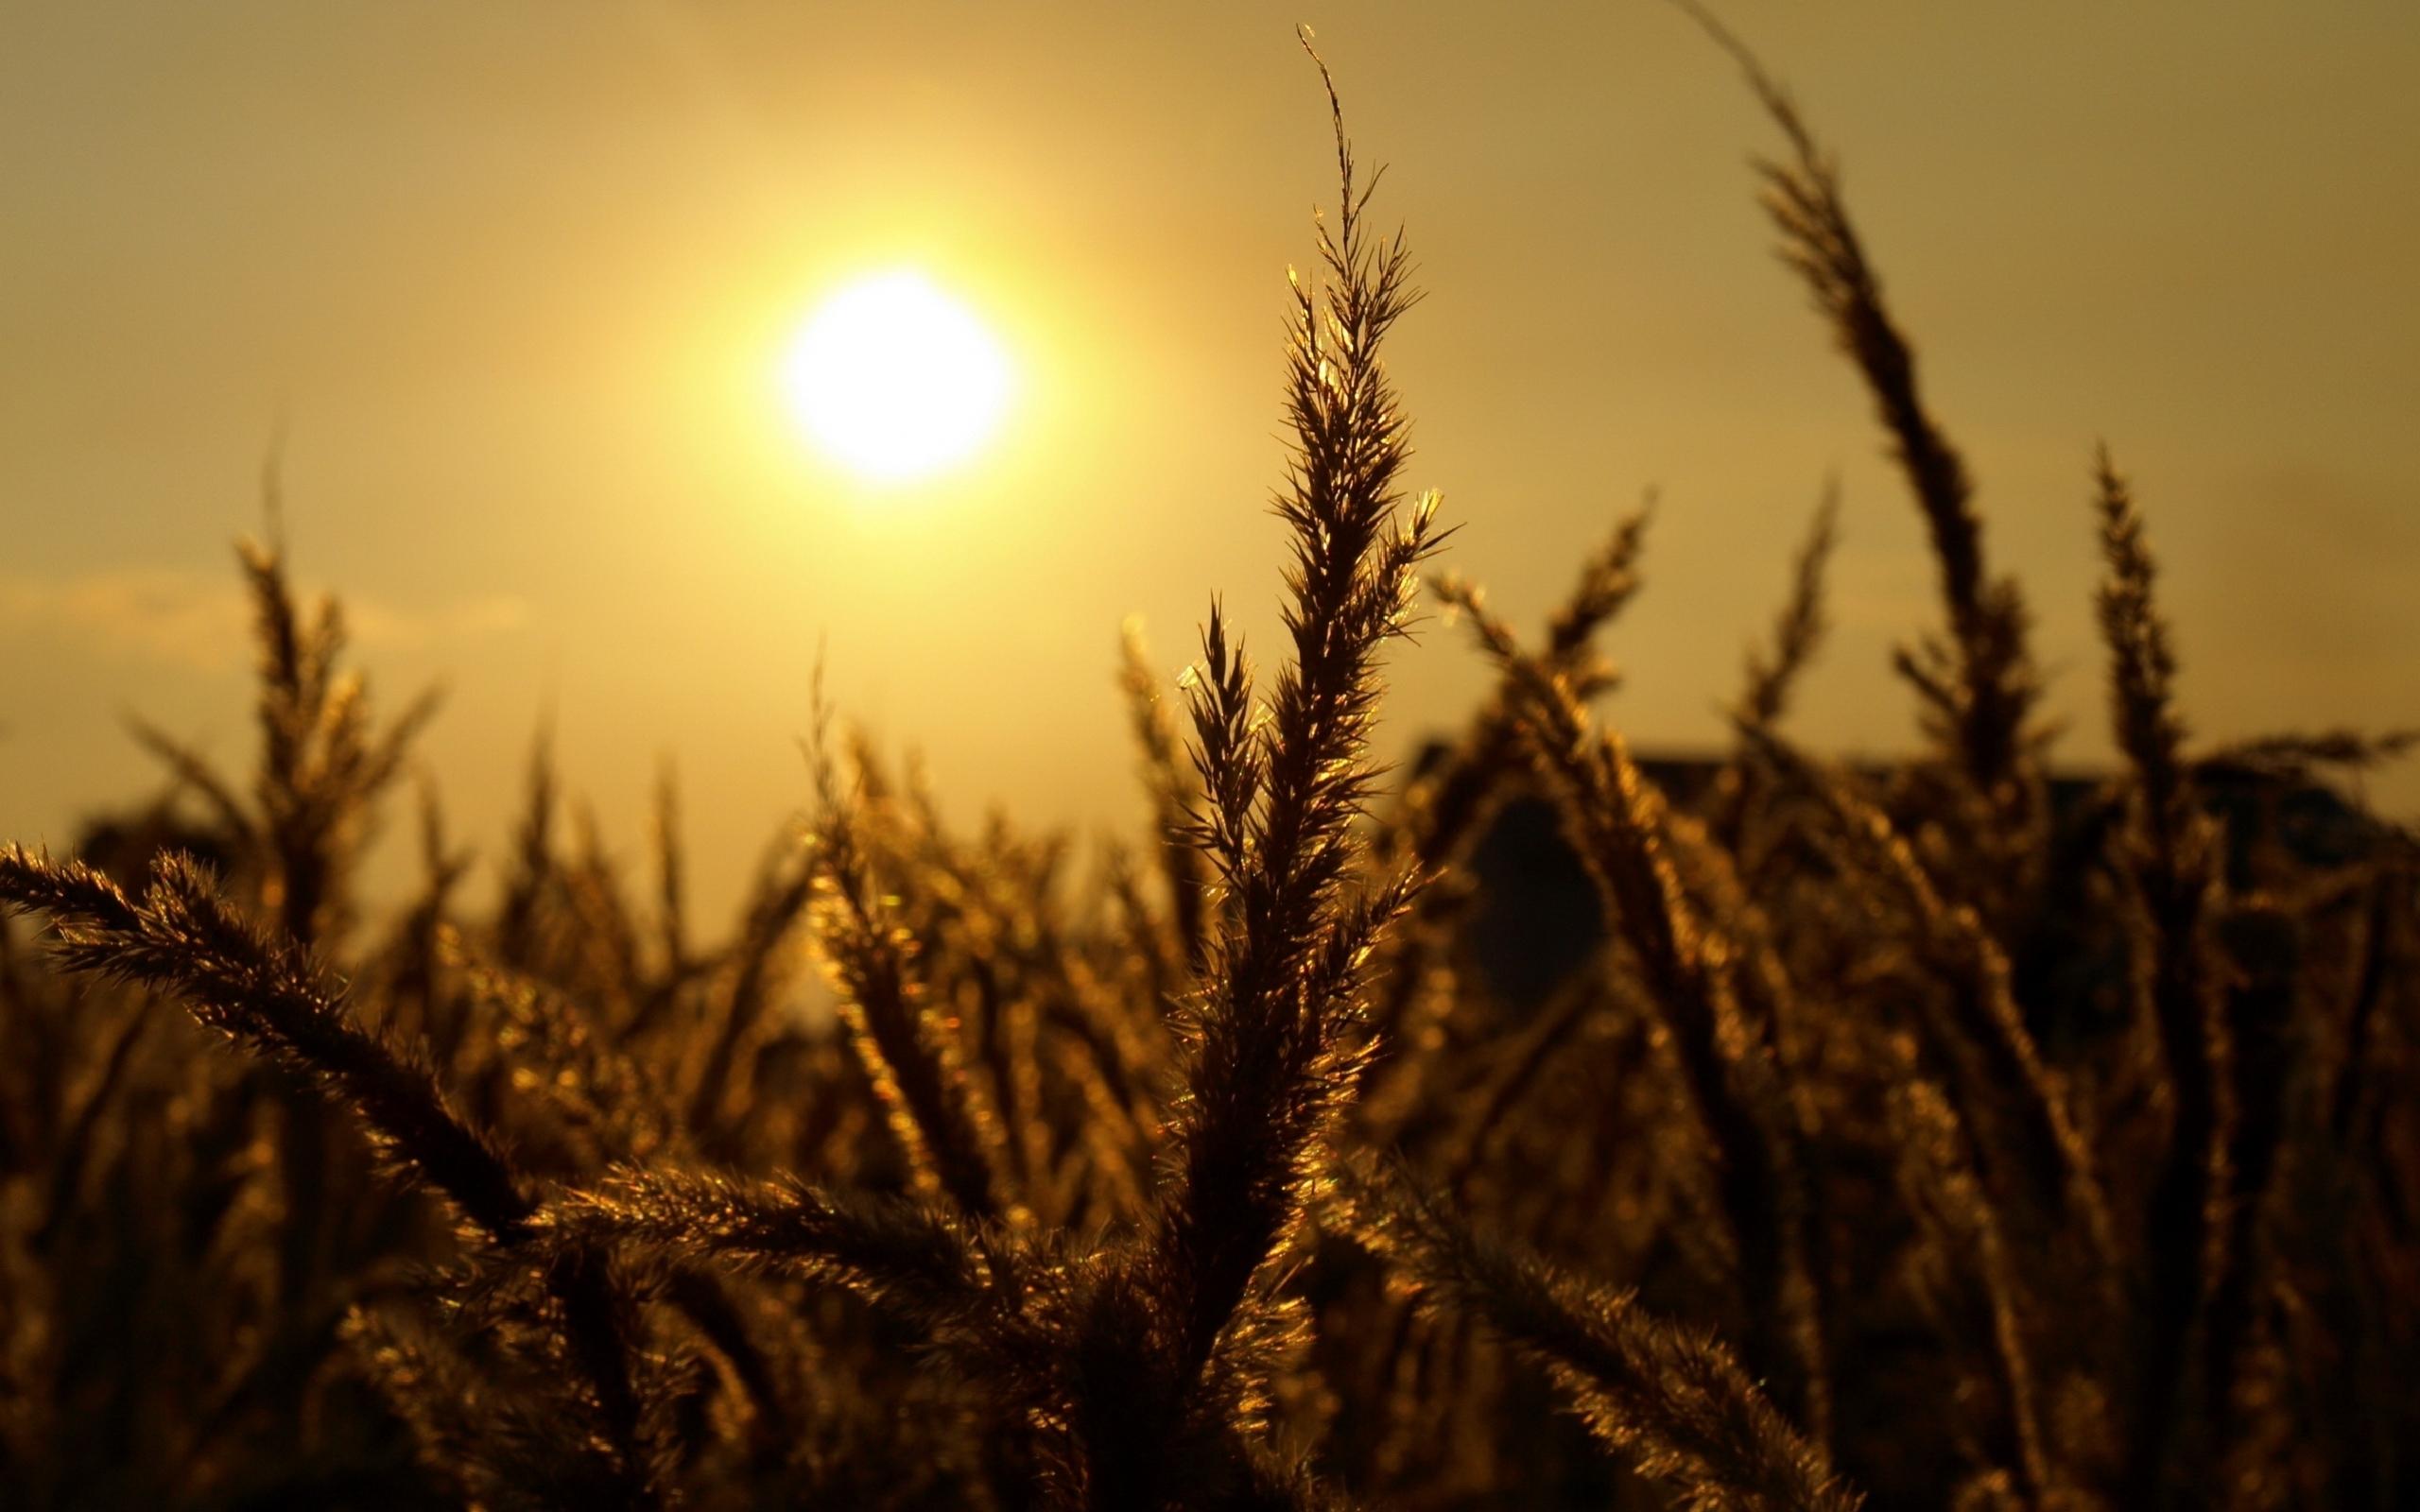 49499 скачать обои Пейзаж, Природа, Солнце, Пшеница - заставки и картинки бесплатно